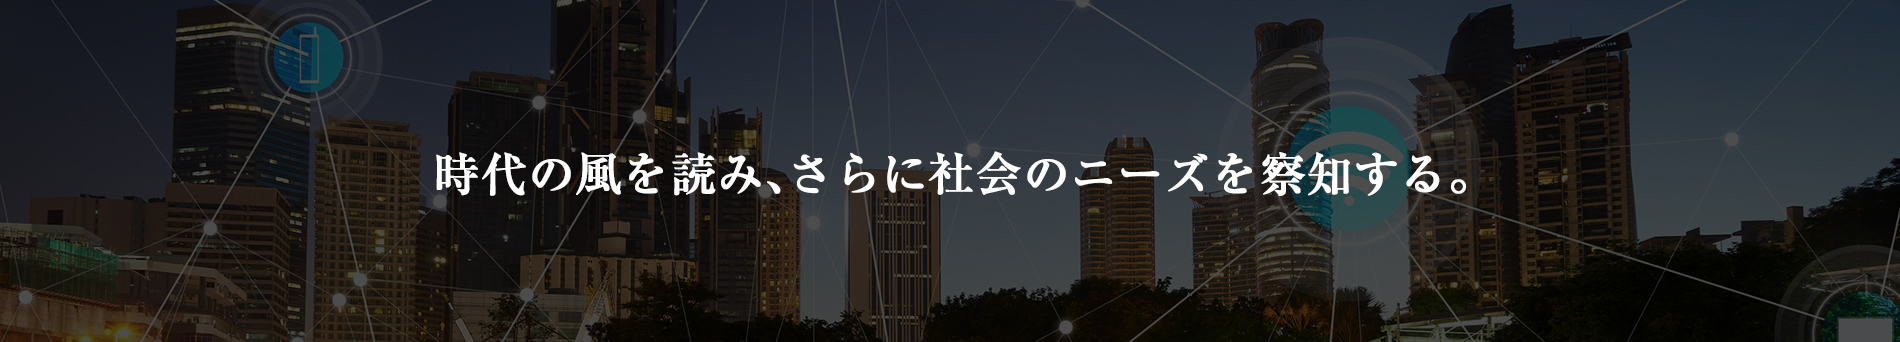 company_header_001